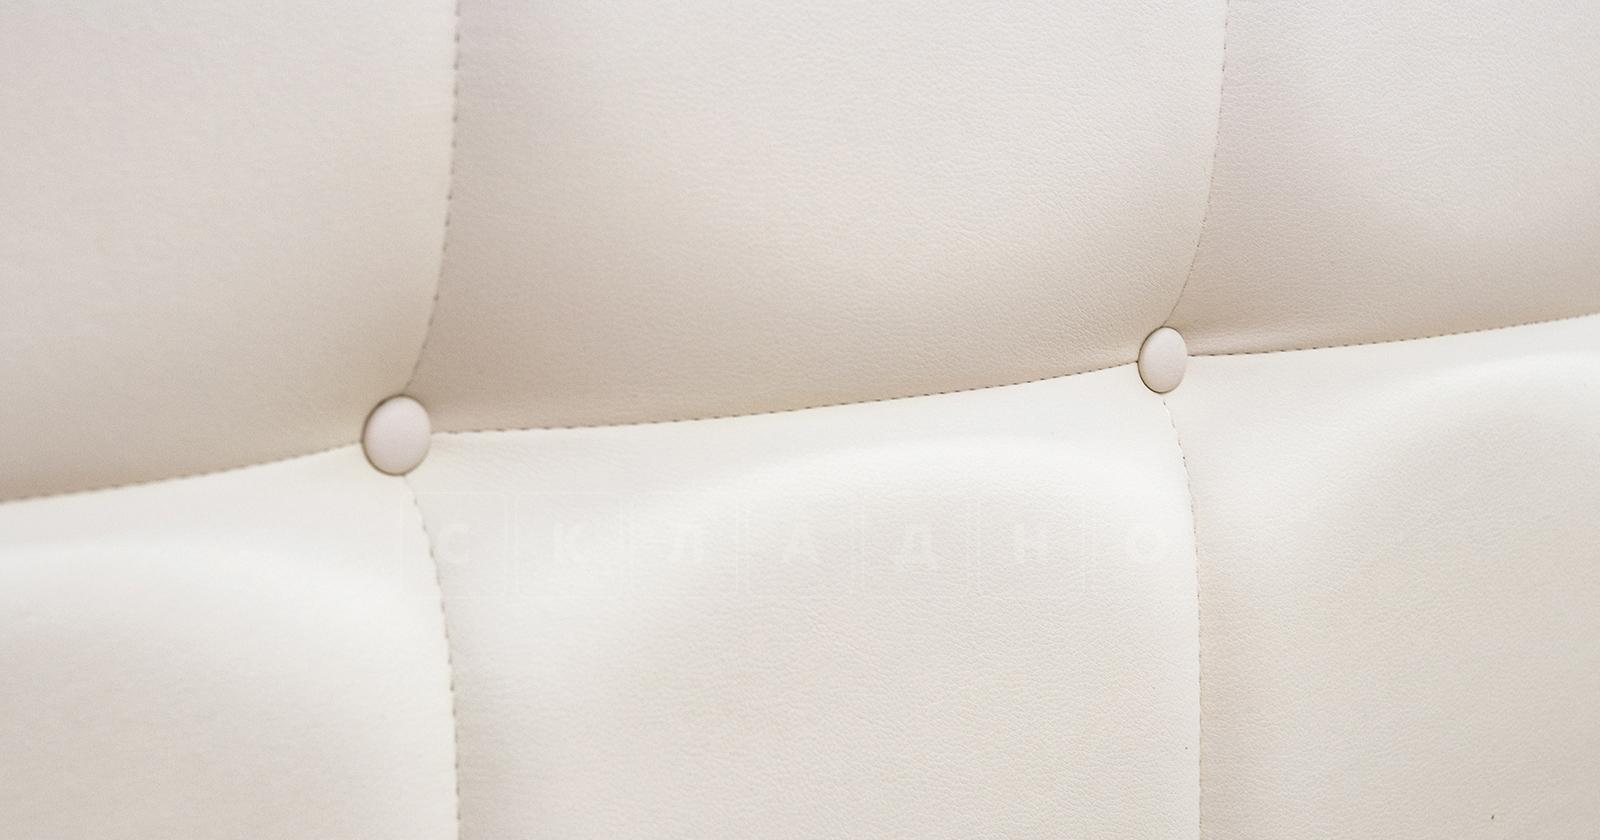 Мягкая кровать Хлоя 160 см сливочный с подъемным механизмом фото 8   интернет-магазин Складно